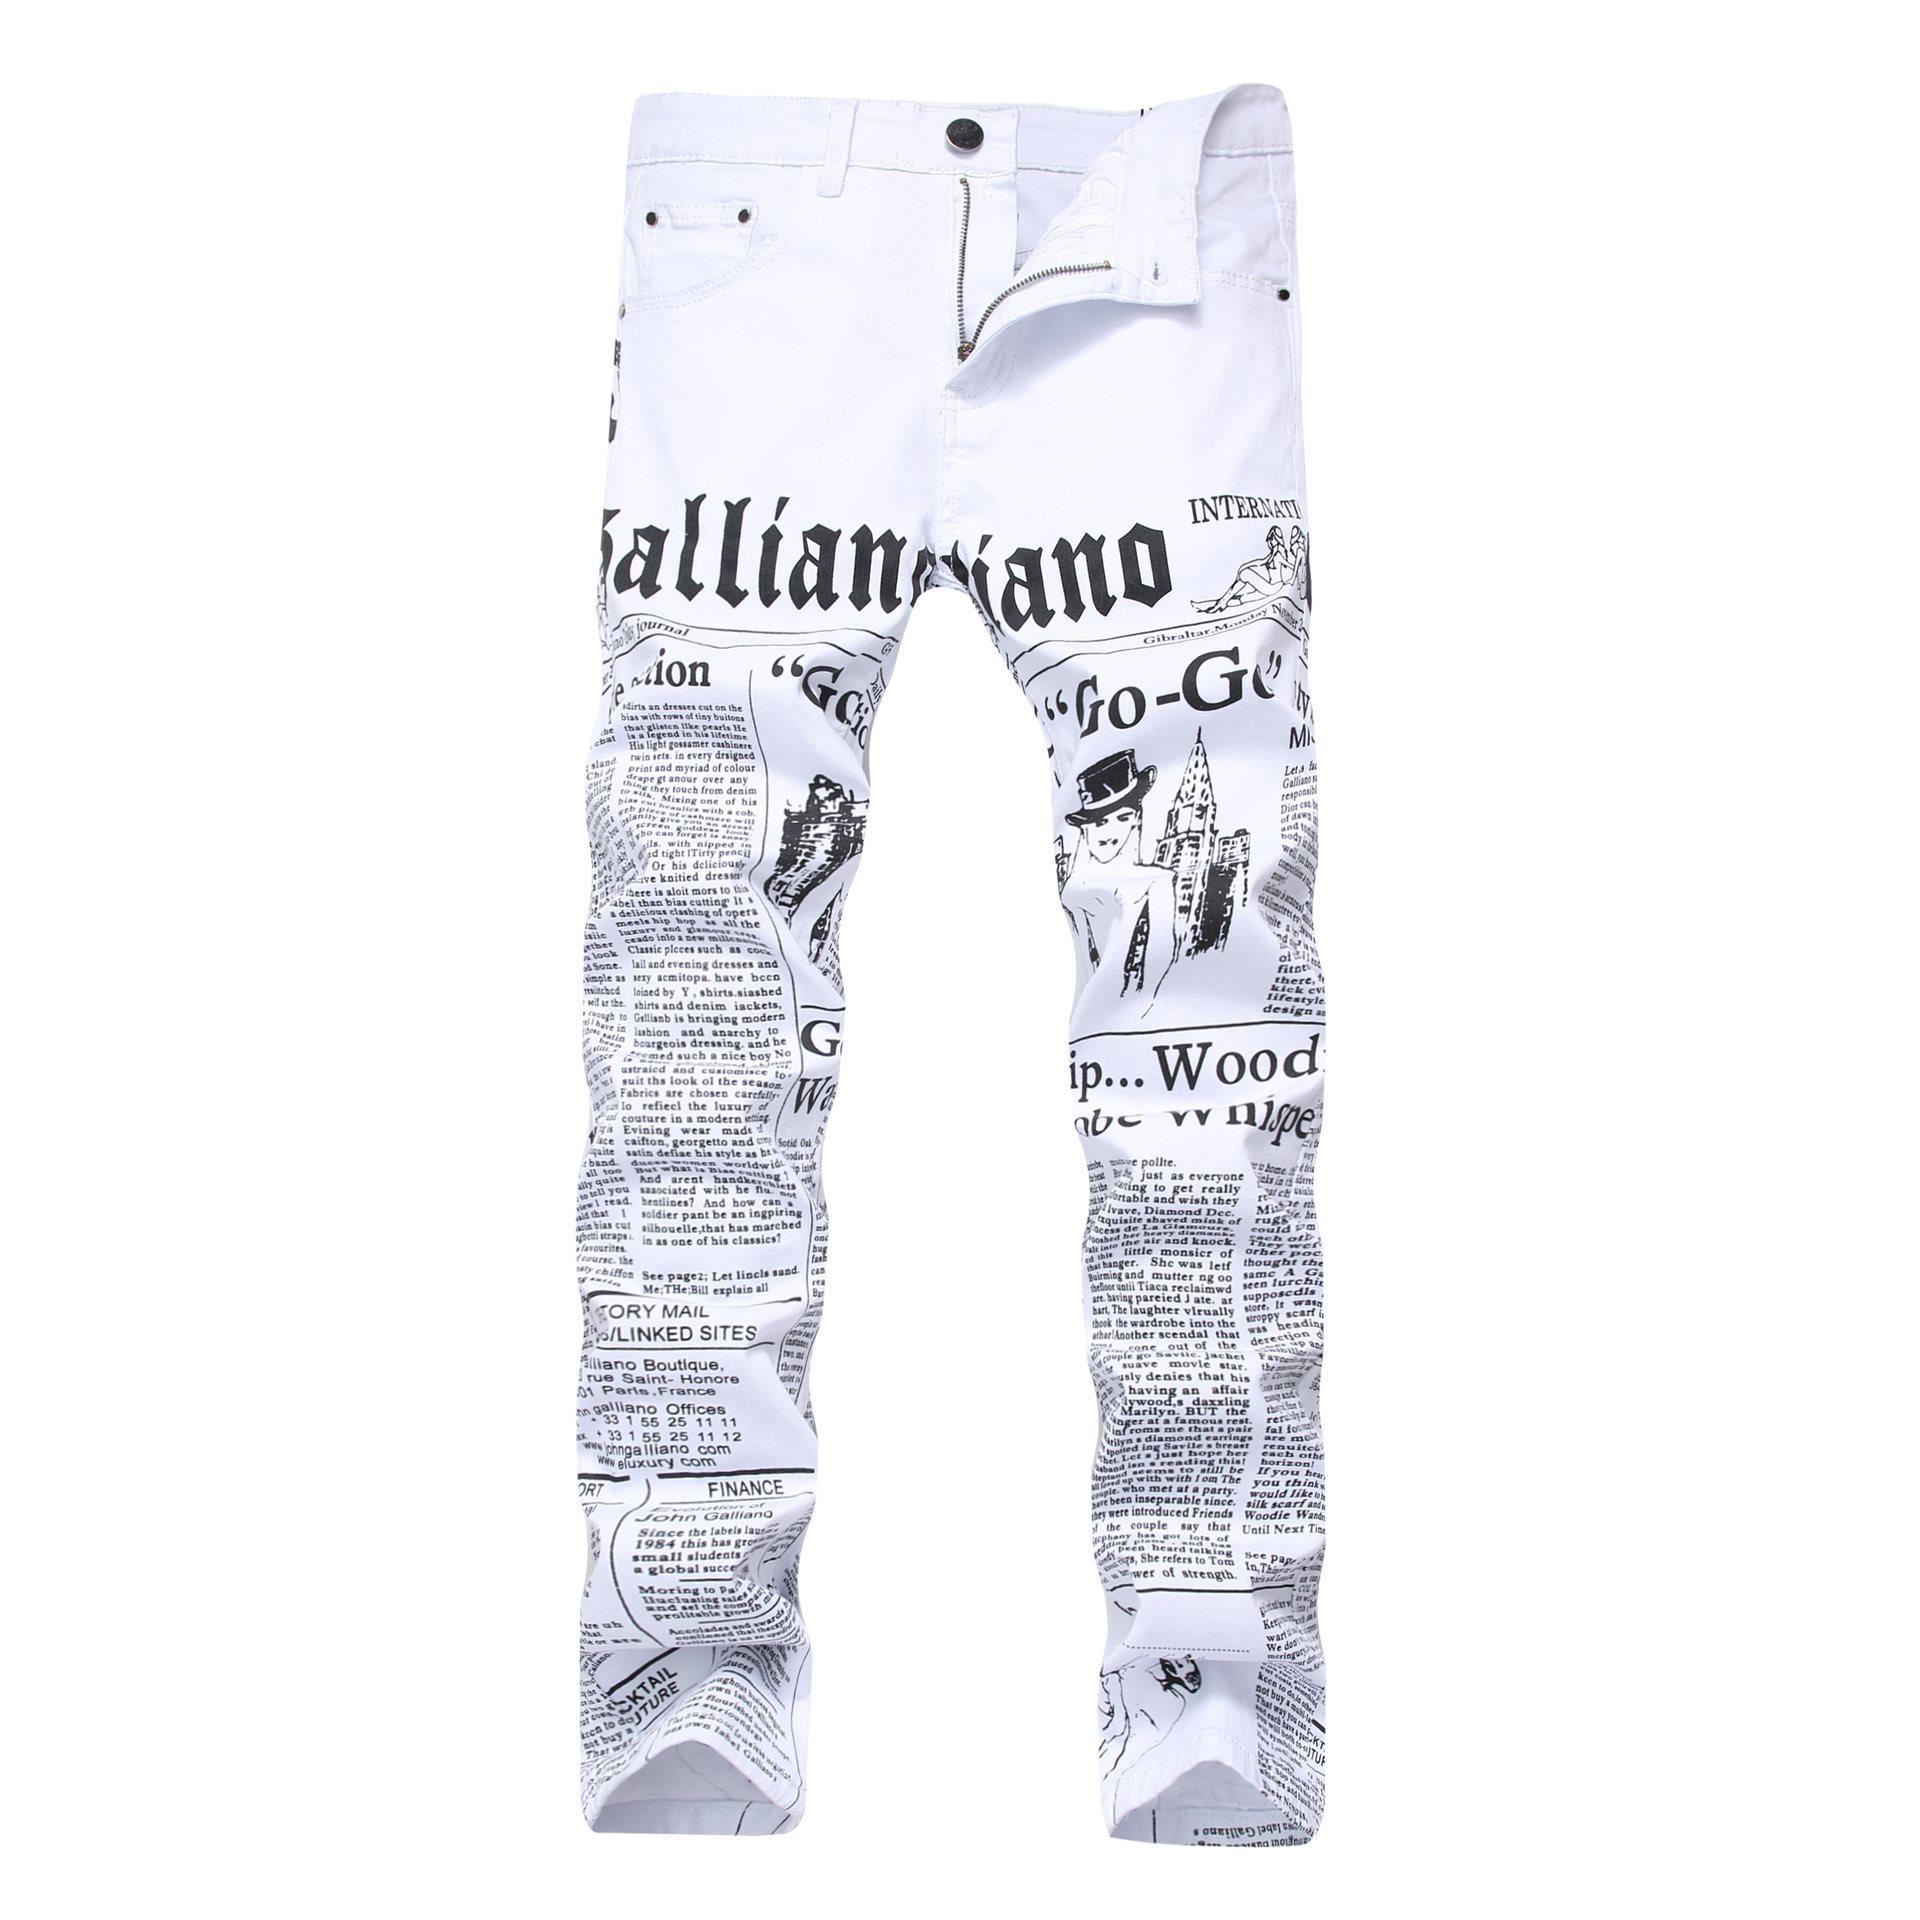 Neue ursprünglicher Entwurf hochwertiger Mannes Galliano dünner Jeans Punk Rock Nachtclub DS DJ Zeitung gedruckte Muster Jeans Stylist Bettlerhosen